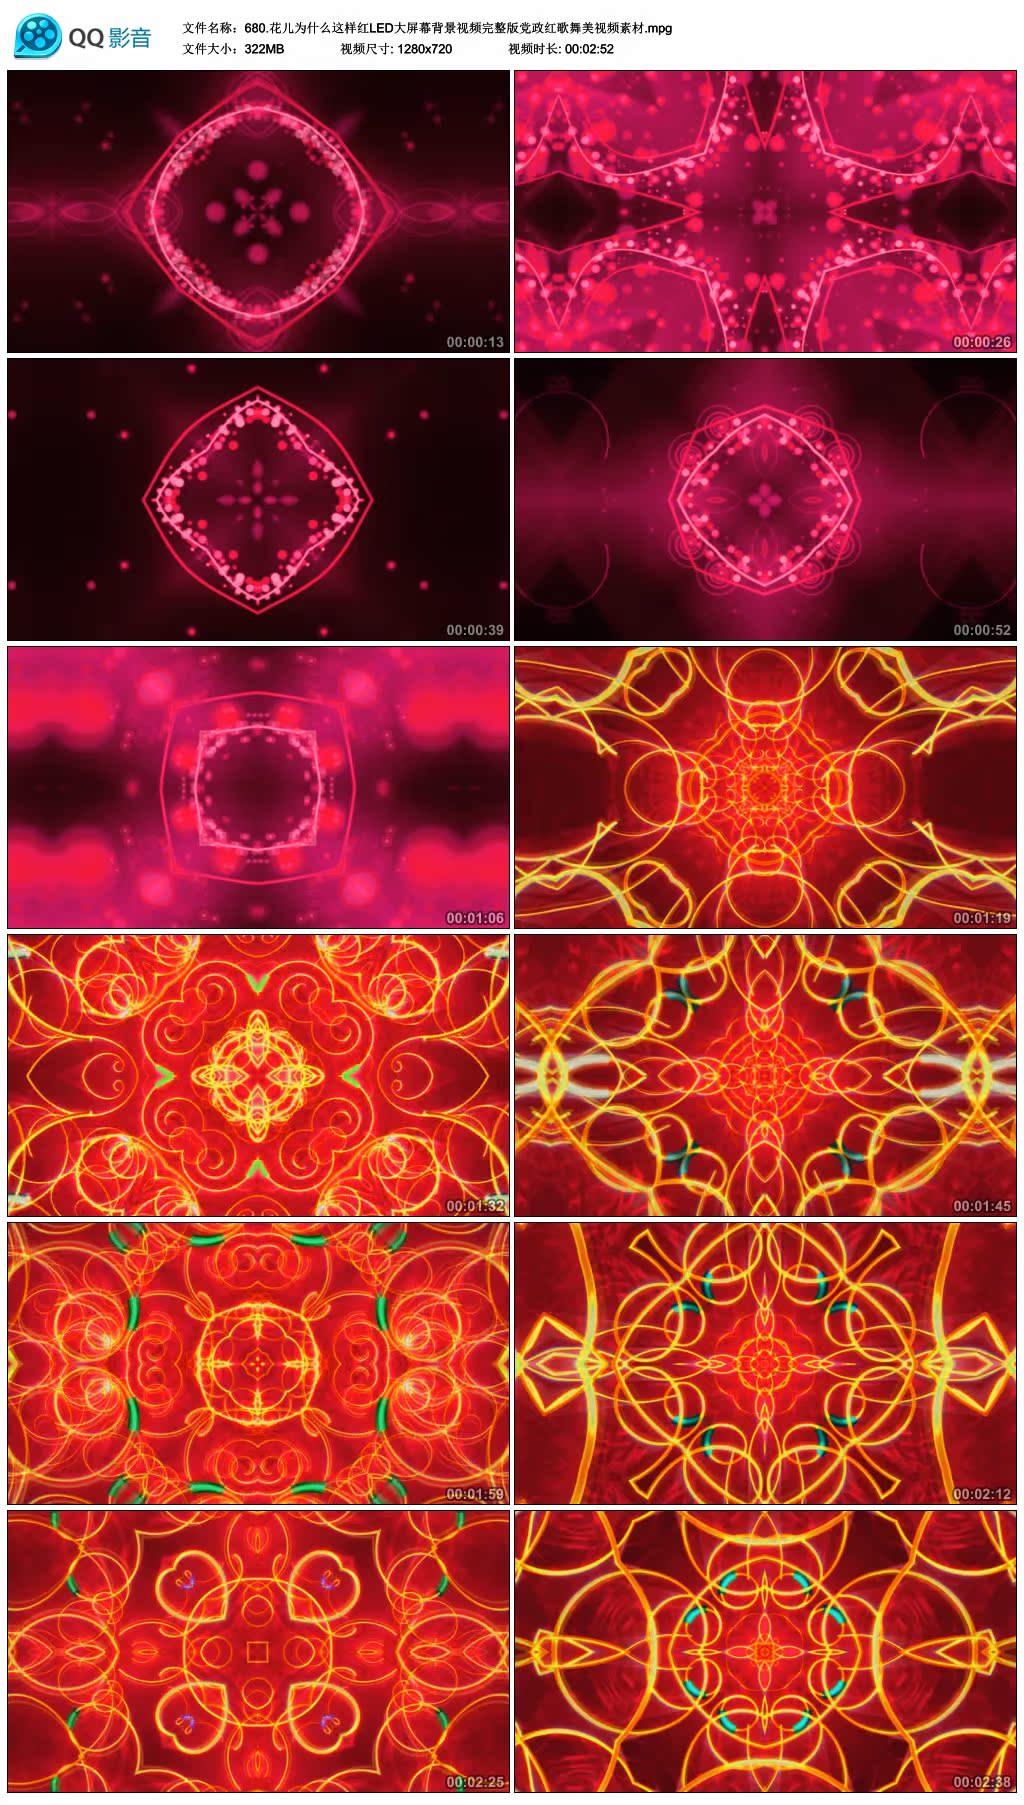 傣族孔雀舞舞蹈视频_花儿为什么这样红 LED大屏幕视频素材 新疆异域风情 红歌舞美 ...